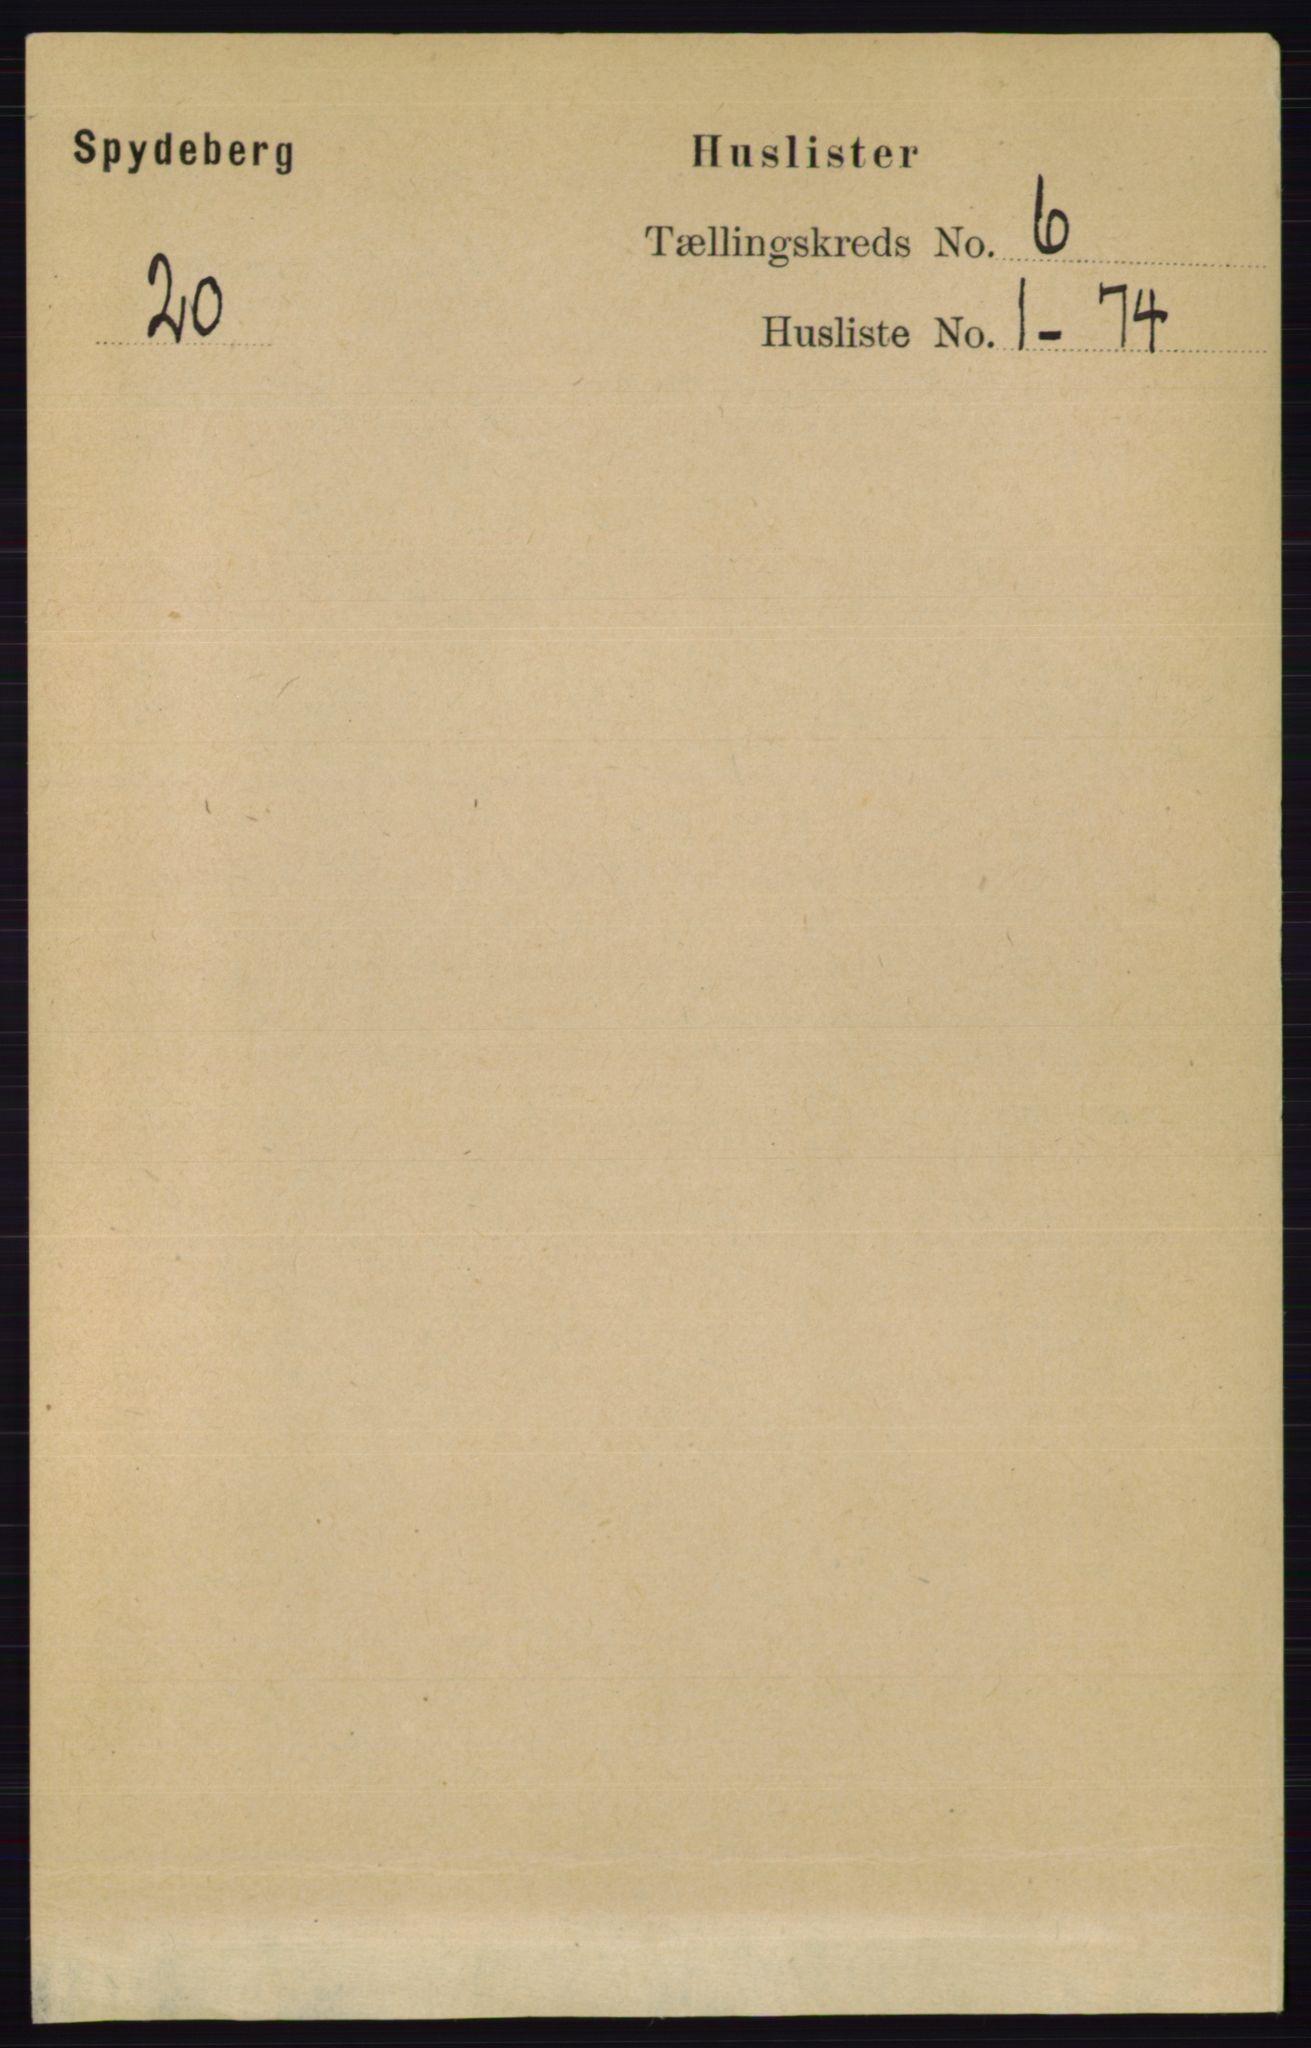 RA, Folketelling 1891 for 0123 Spydeberg herred, 1891, s. 2760